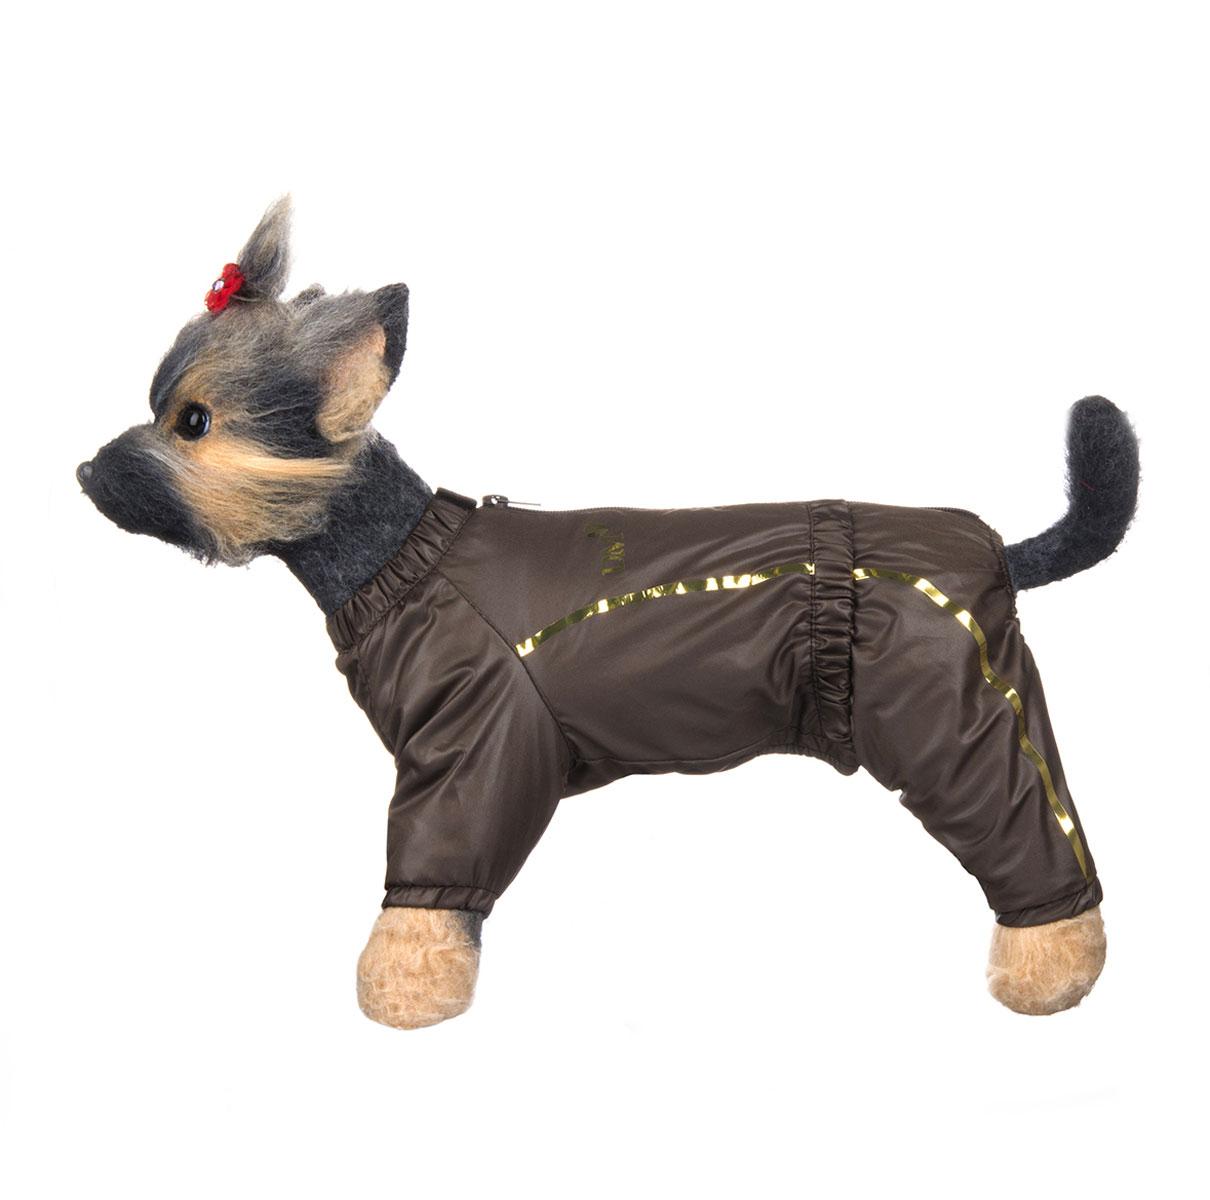 Комбинезон для собак Dogmoda Альпы, для мальчика, цвет: коричневый. Размер 4 (XL)0120710Комбинезон для собак Dogmoda Альпы отлично подойдет для прогулок поздней осенью или ранней весной.Комбинезон изготовлен из полиэстера, защищающего от ветра и осадков, с подкладкой из флиса, которая сохранит тепло и обеспечит отличный воздухообмен. Комбинезон застегивается на молнию и липучку, благодаря чему его легко надевать и снимать. Ворот, низ рукавов и брючин оснащены внутренними резинками, которые мягко обхватывают шею и лапки, не позволяя просачиваться холодному воздуху. На пояснице имеется внутренняя резинка. Изделие декорировано золотистыми полосками и надписью DM.Благодаря такому комбинезону простуда не грозит вашему питомцу и он не даст любимцу продрогнуть на прогулке.